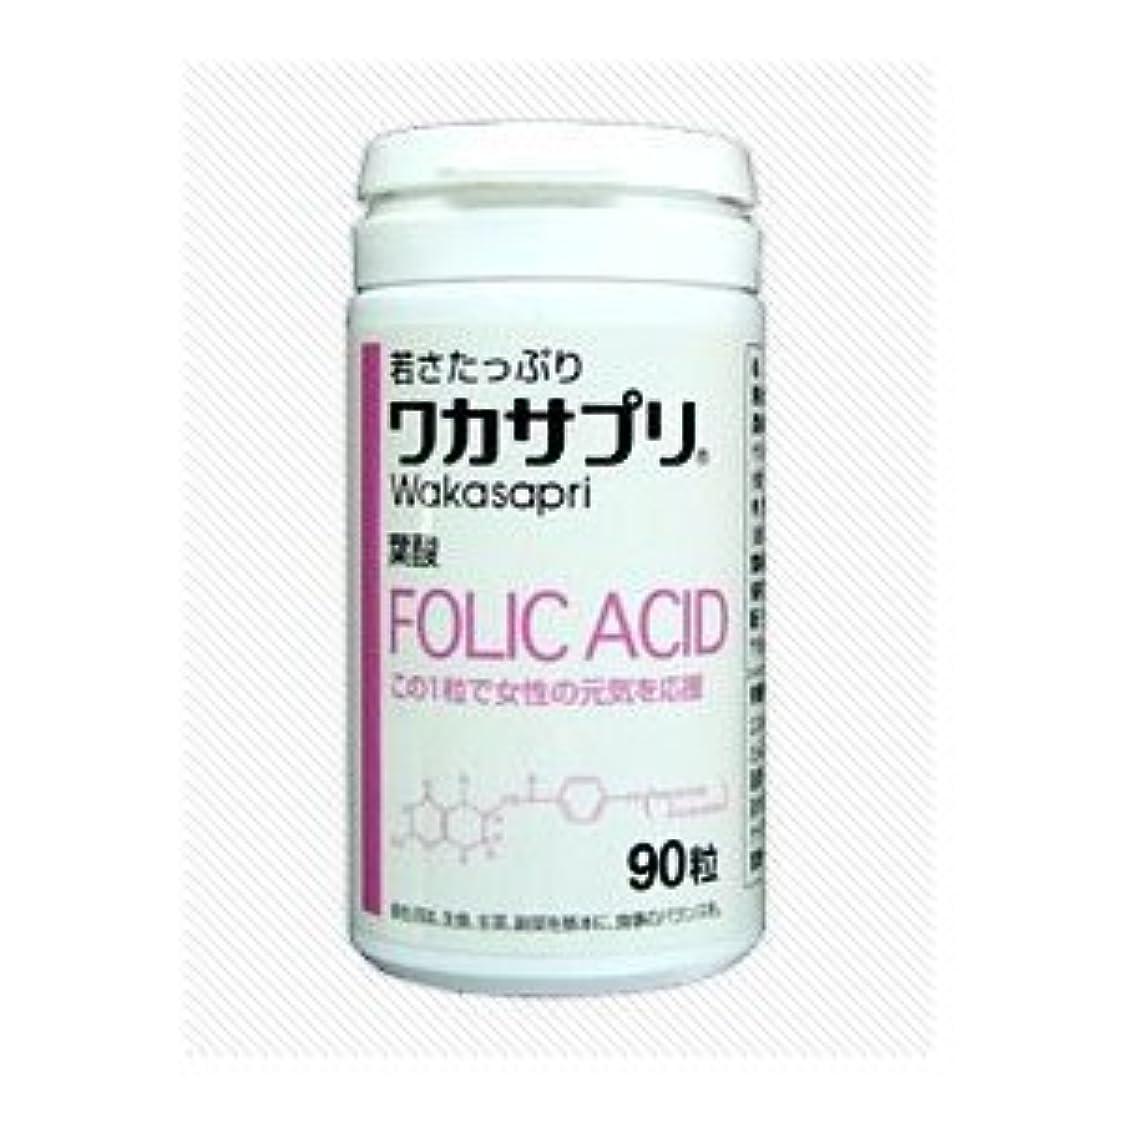 アクロバット適応する面白いワカサプリ 葉酸&オメガ3 90粒